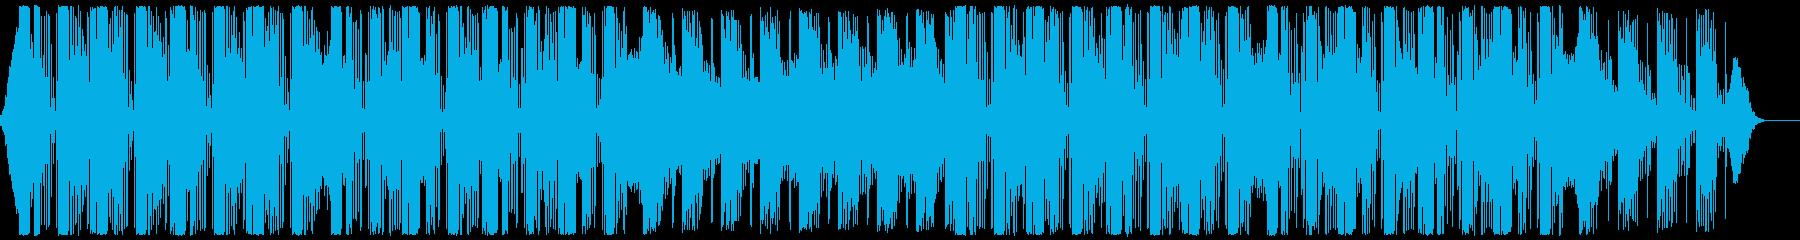 広がりのある落ち着いたクラブ系サウンドの再生済みの波形